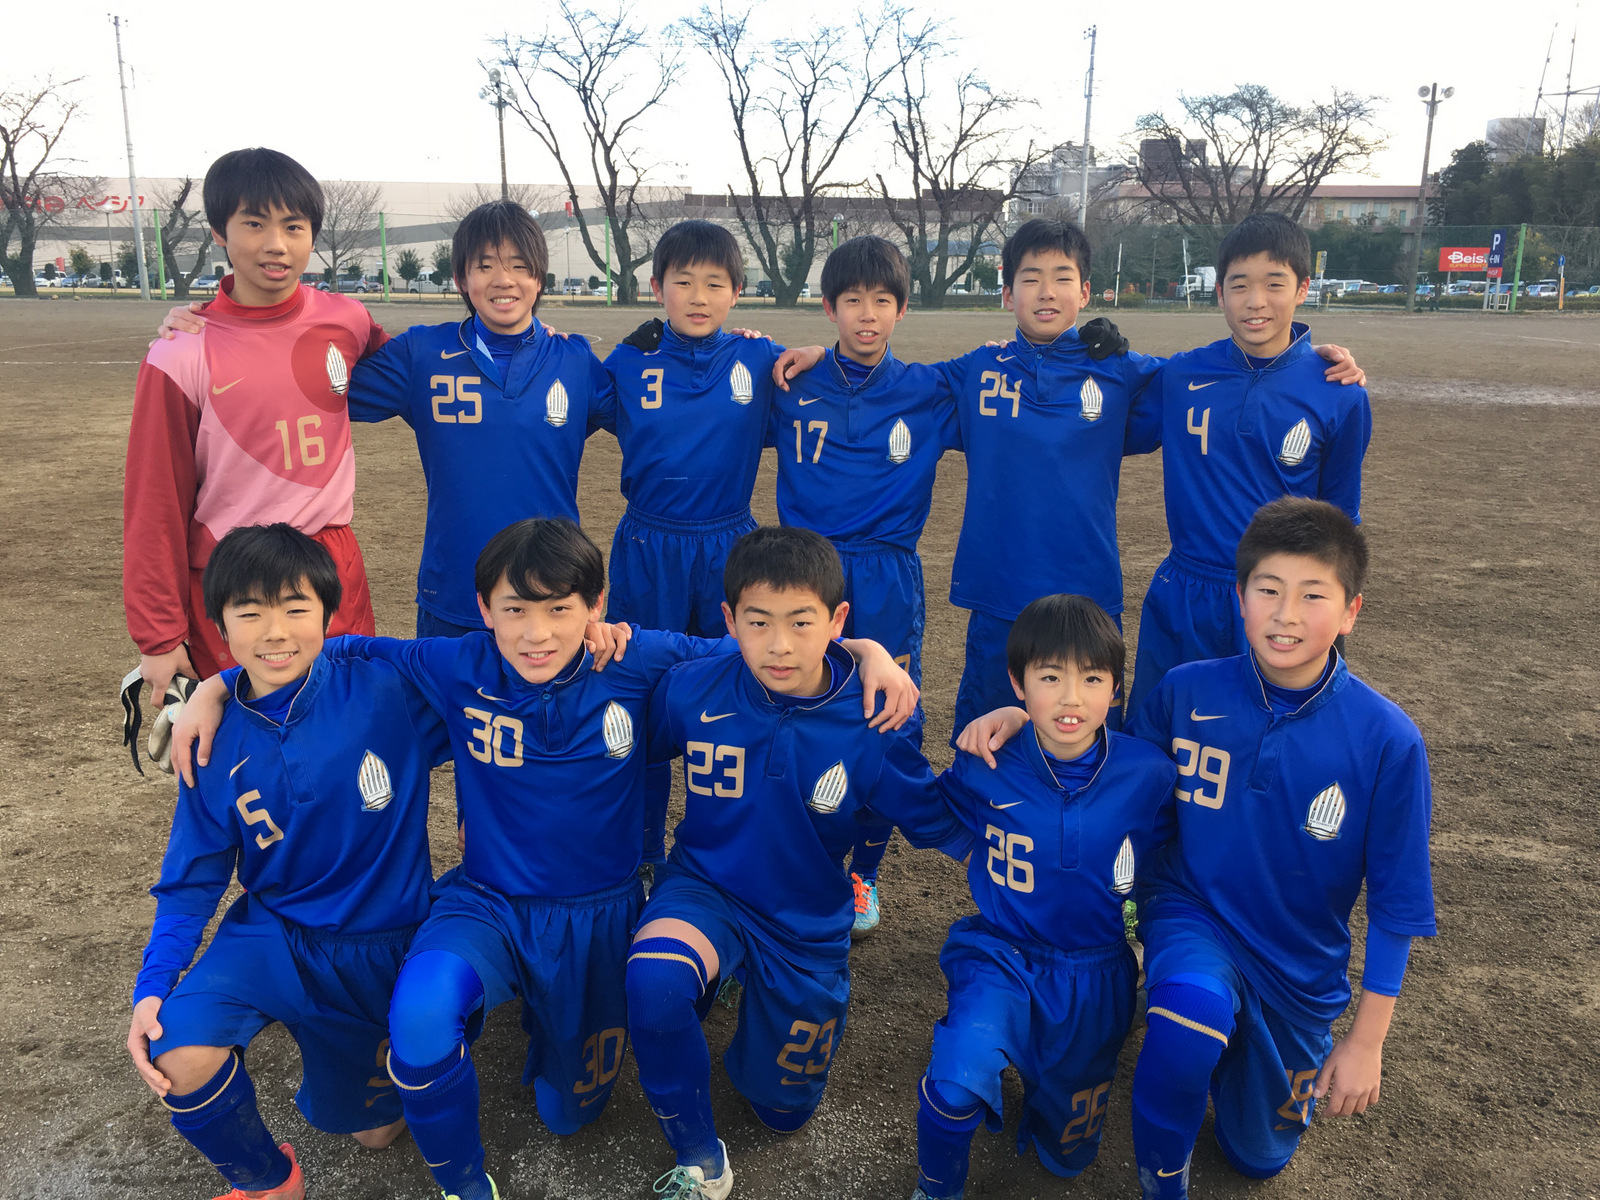 【U13】公式戦の結果お知らせ(Liga-upset 、東葛フレッシュマンズカップ)